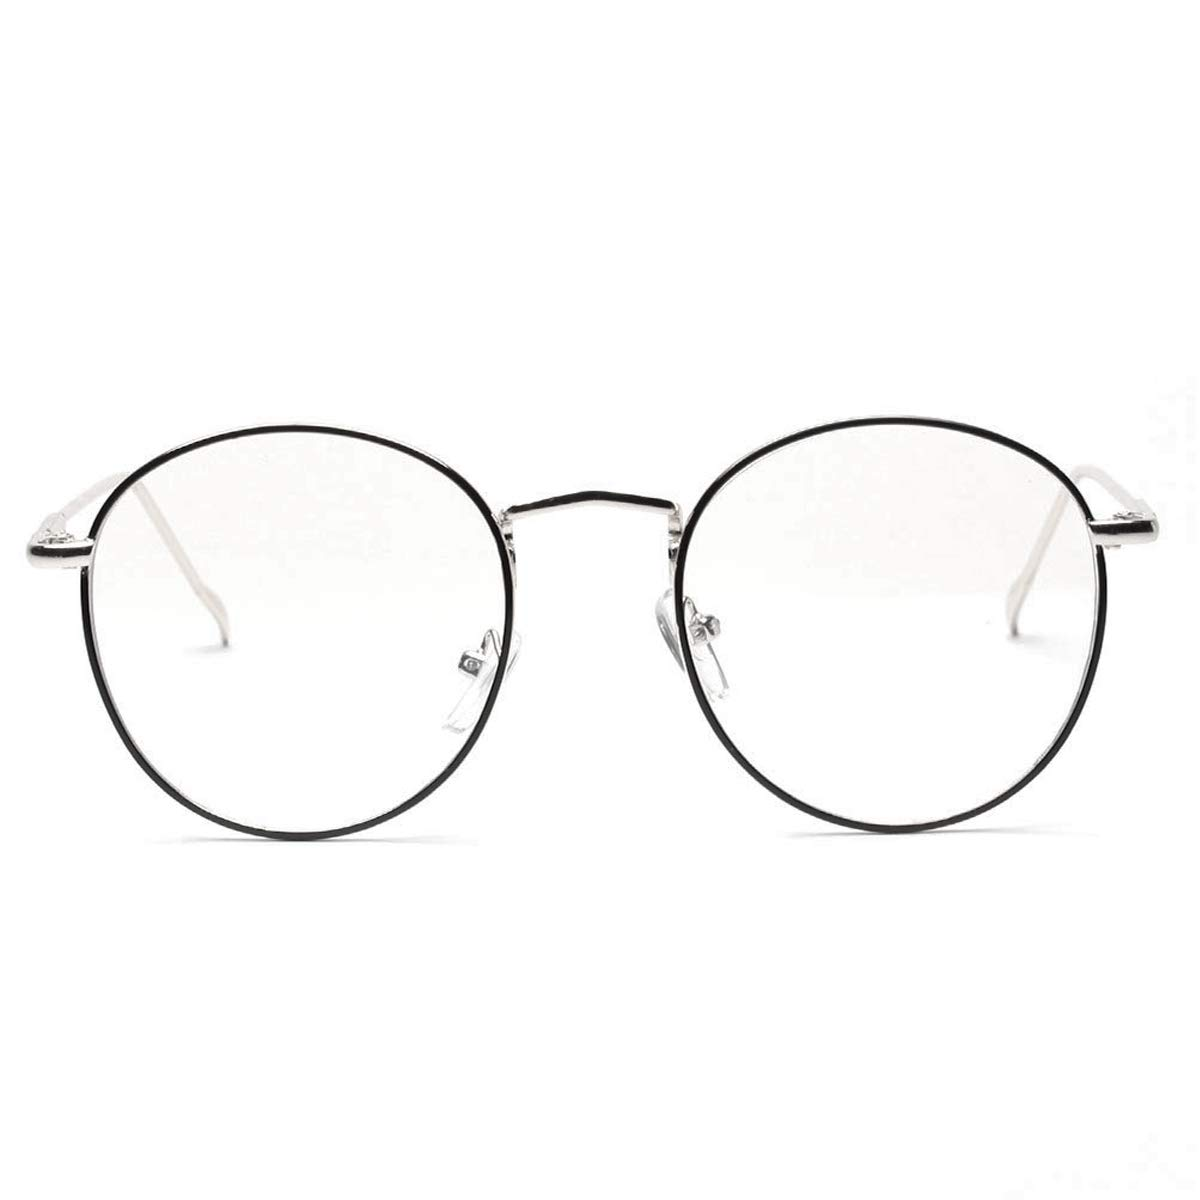 2161eb43a18 Details about AISSWZBER Blue Light Block Women Metal Circle Non-prescription  Eyeglasses